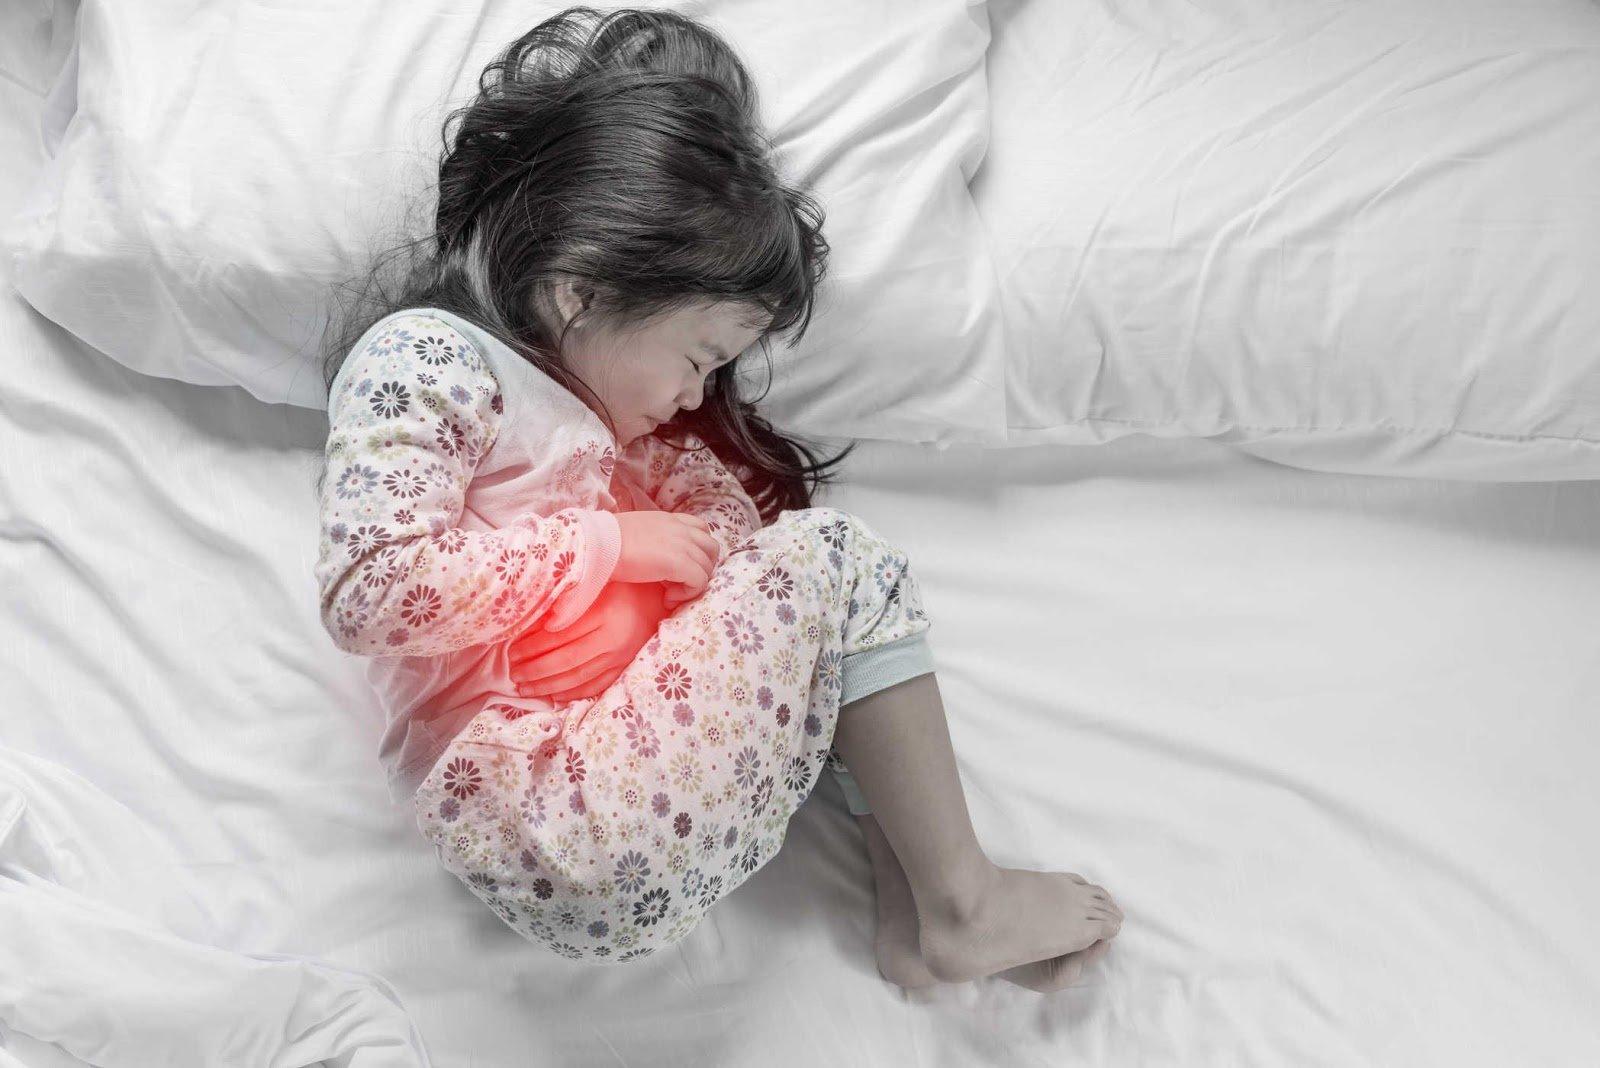 Những dấu hiệu viêm loét dạ dày ở trẻ em cần chú ý